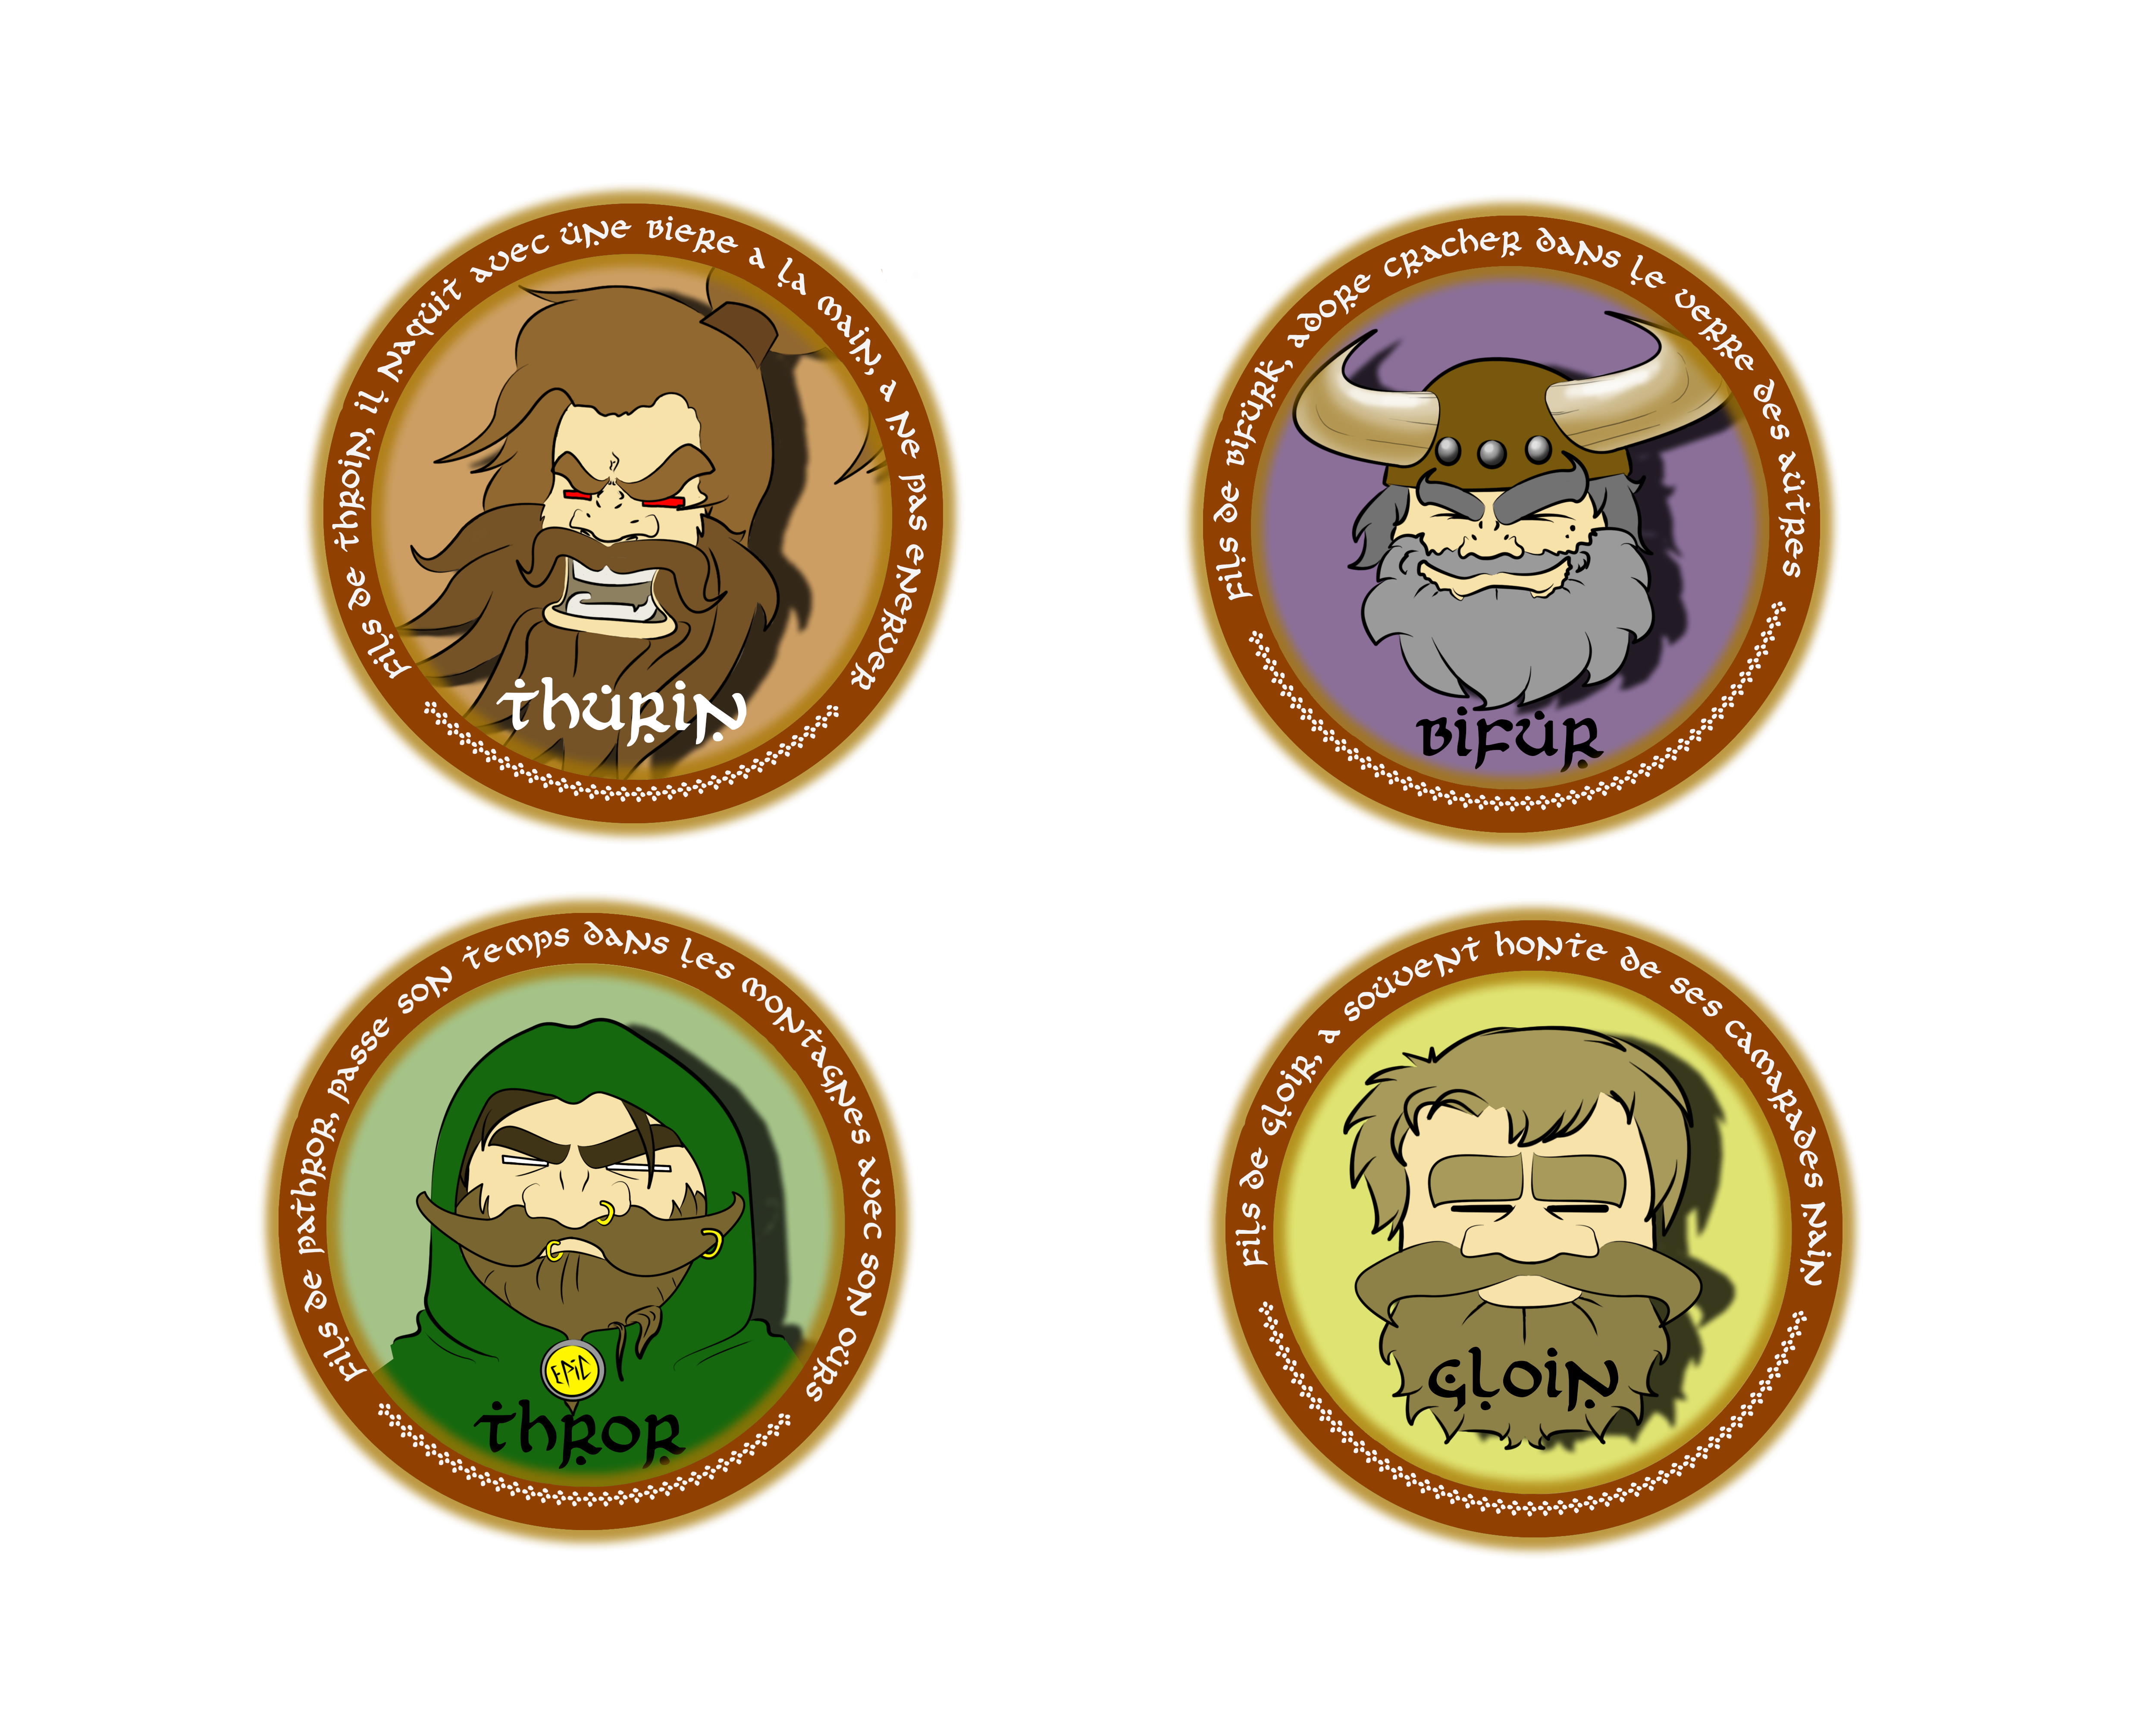 Character pucks